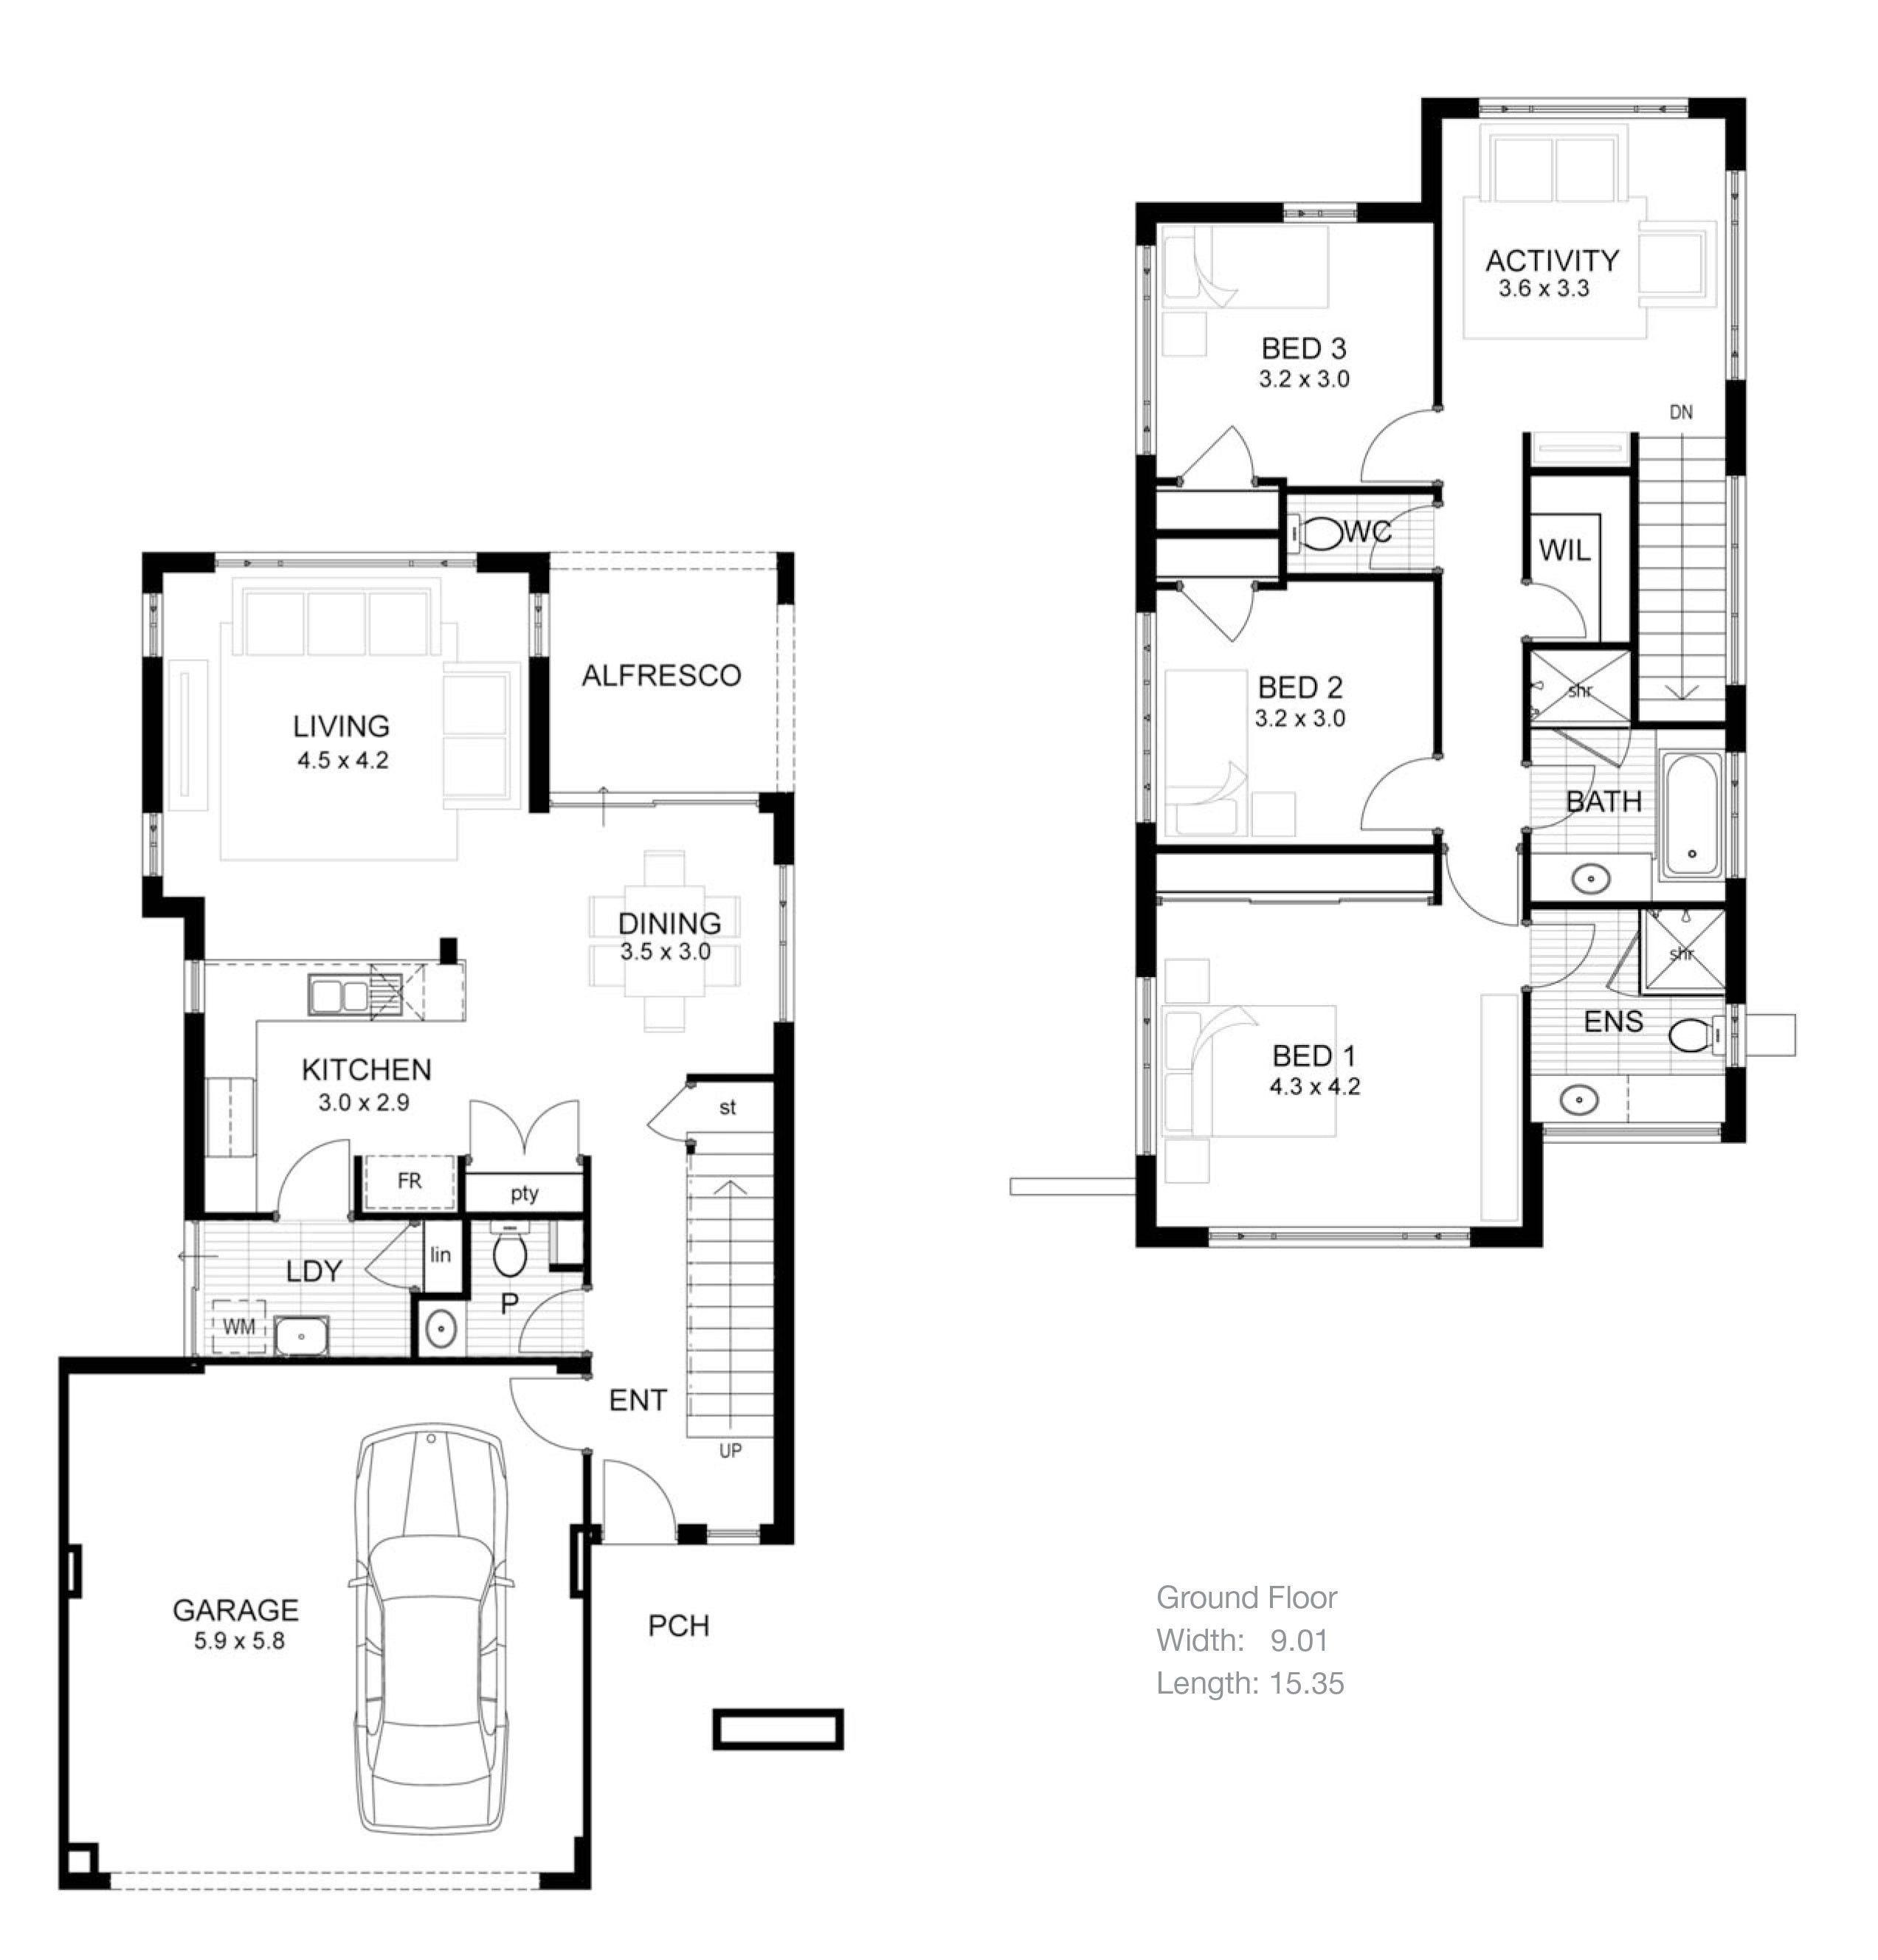 Image Result For Open Concept House Layout Denah Lantai Rumah Denah Rumah Denah Rumah Kecil